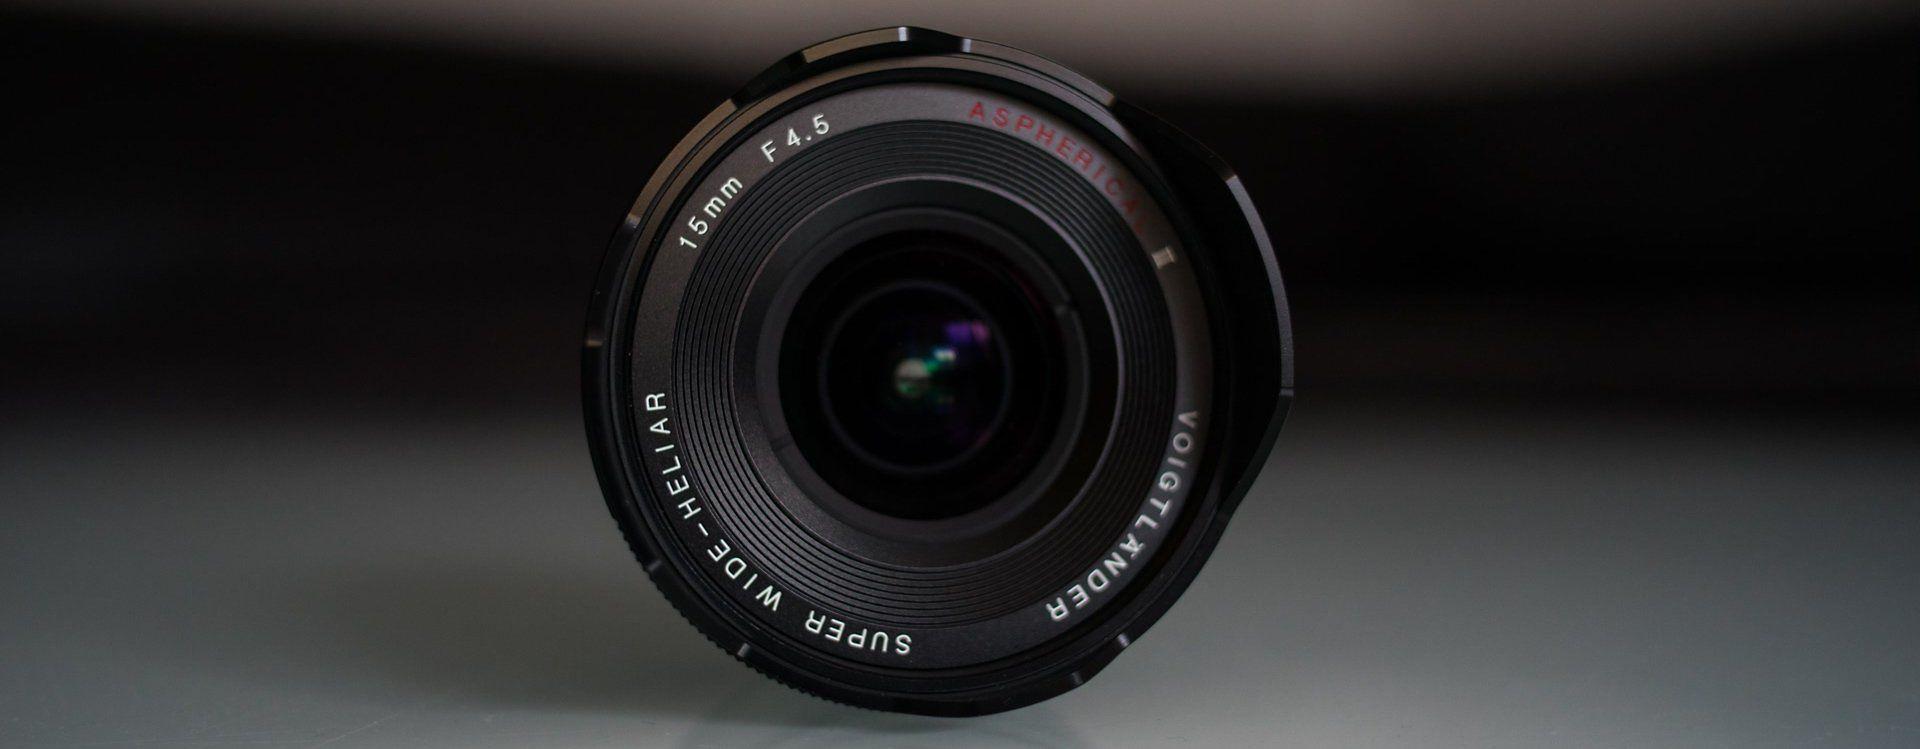 Voigtländer Super Wide Heliar 15 mm f/4.5 Aspherical III